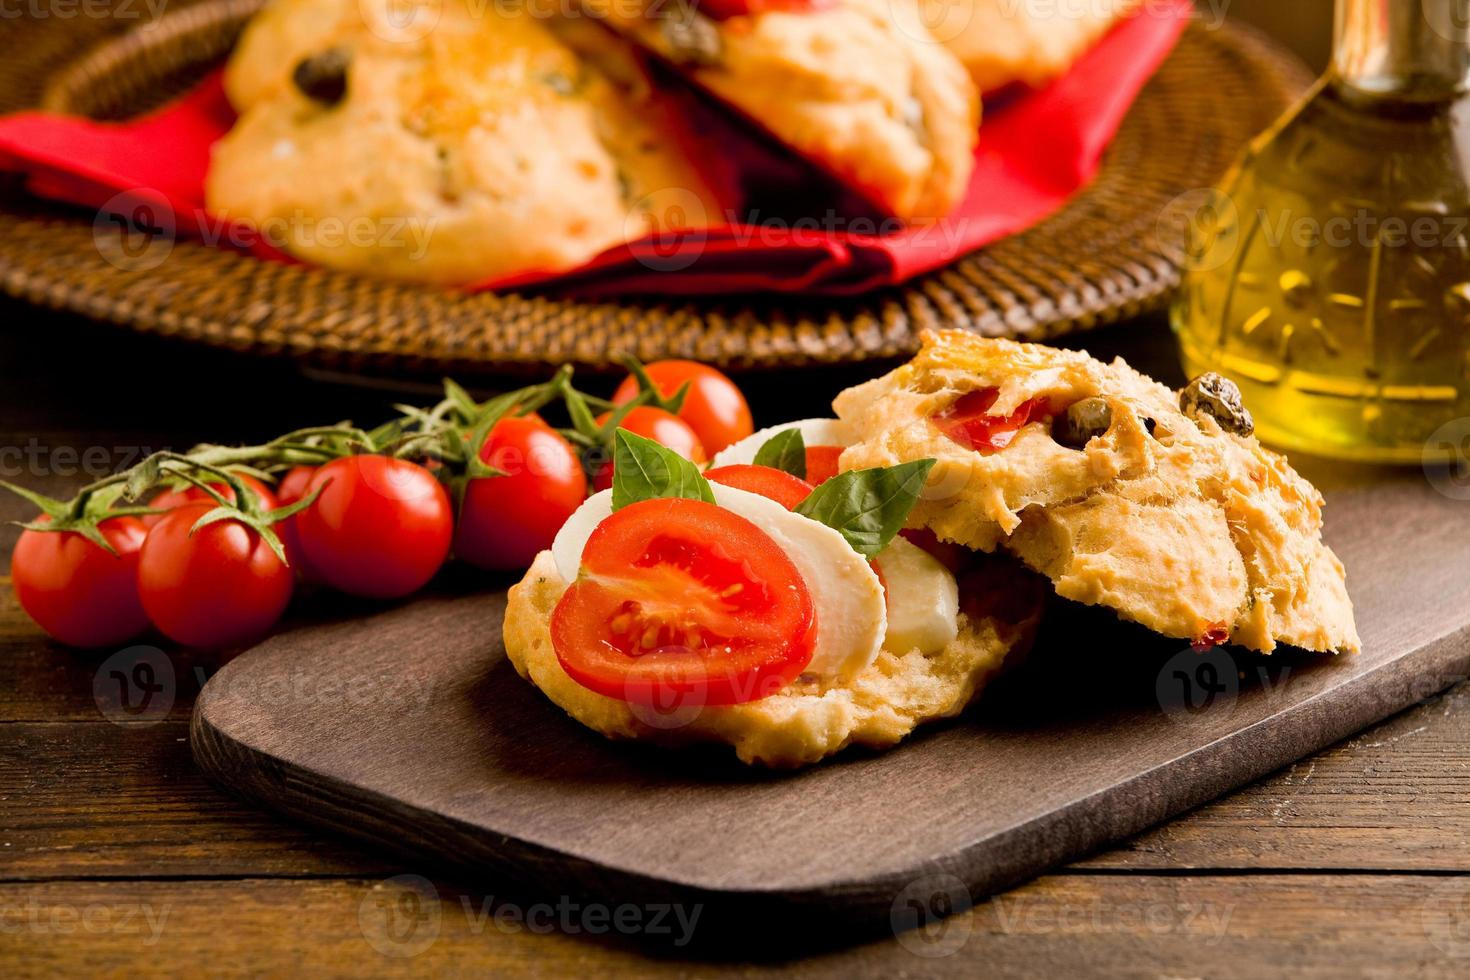 hausgemachte Pizzabrötchen gefüllt mit Tomaten und Mozzarella foto